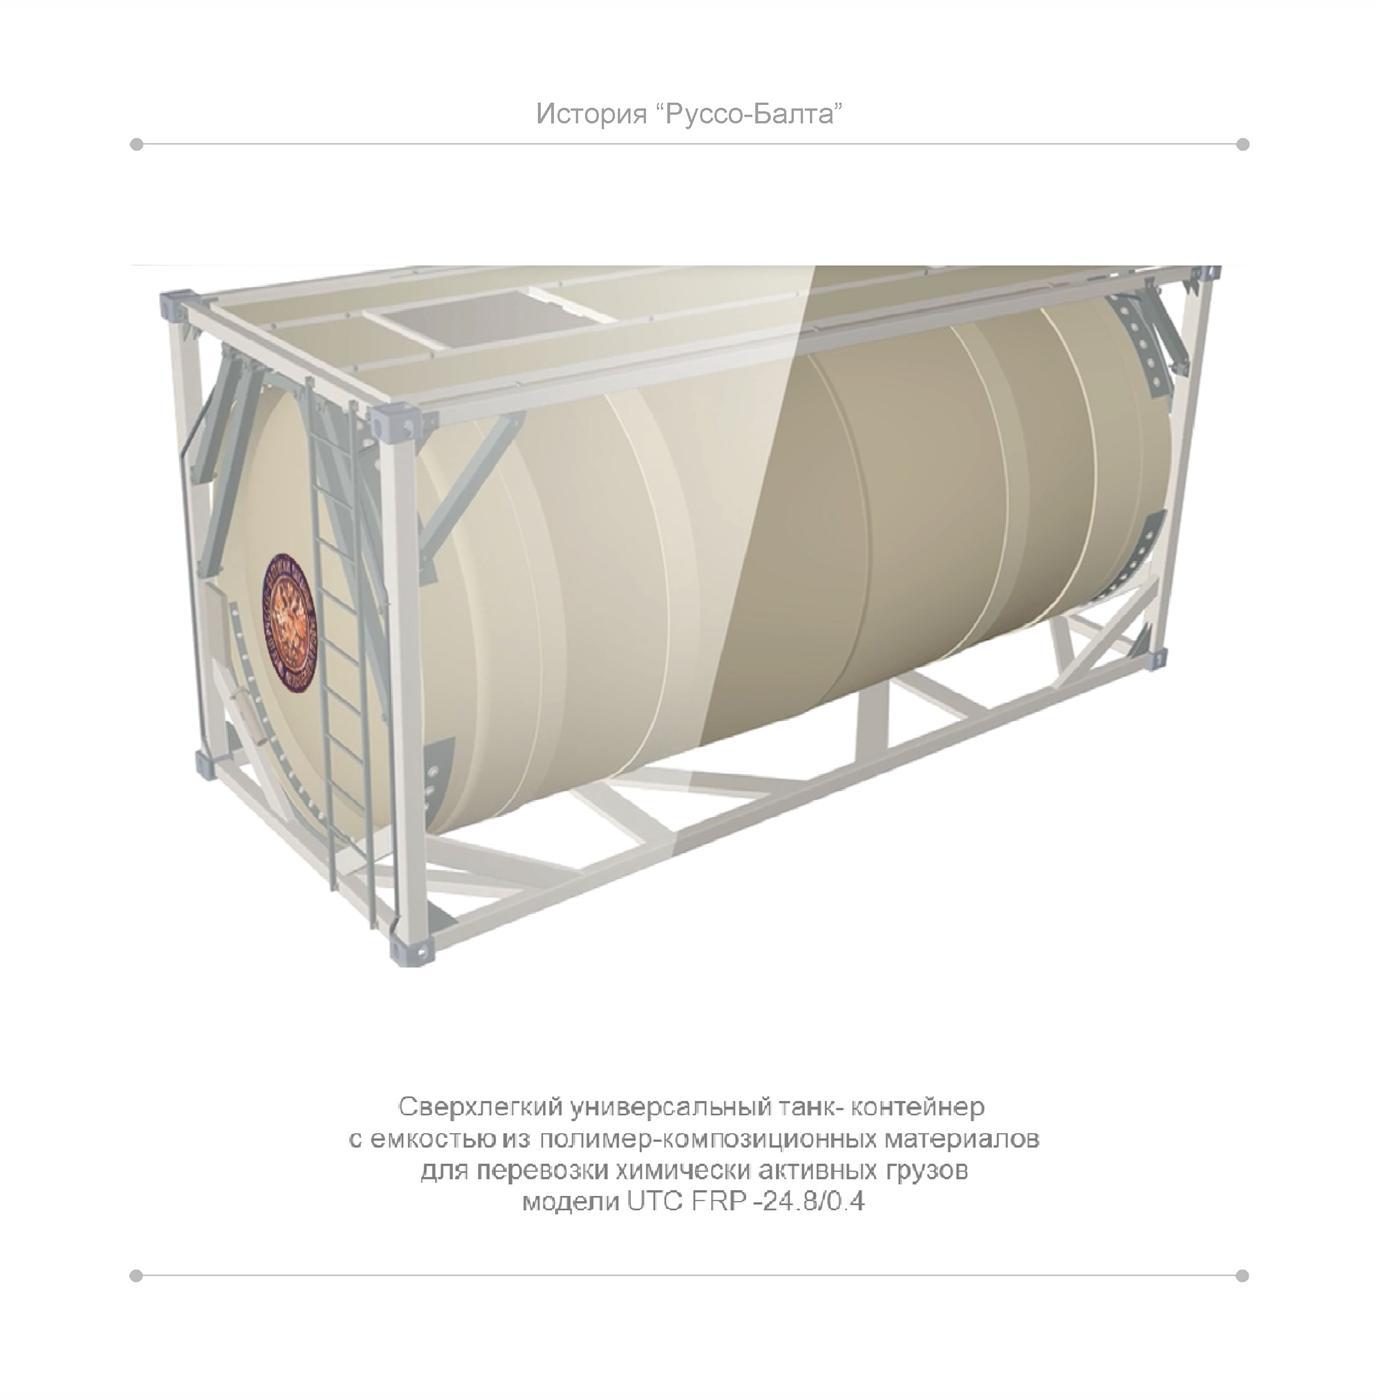 Сверхлёгкий композитный танк-контейнер